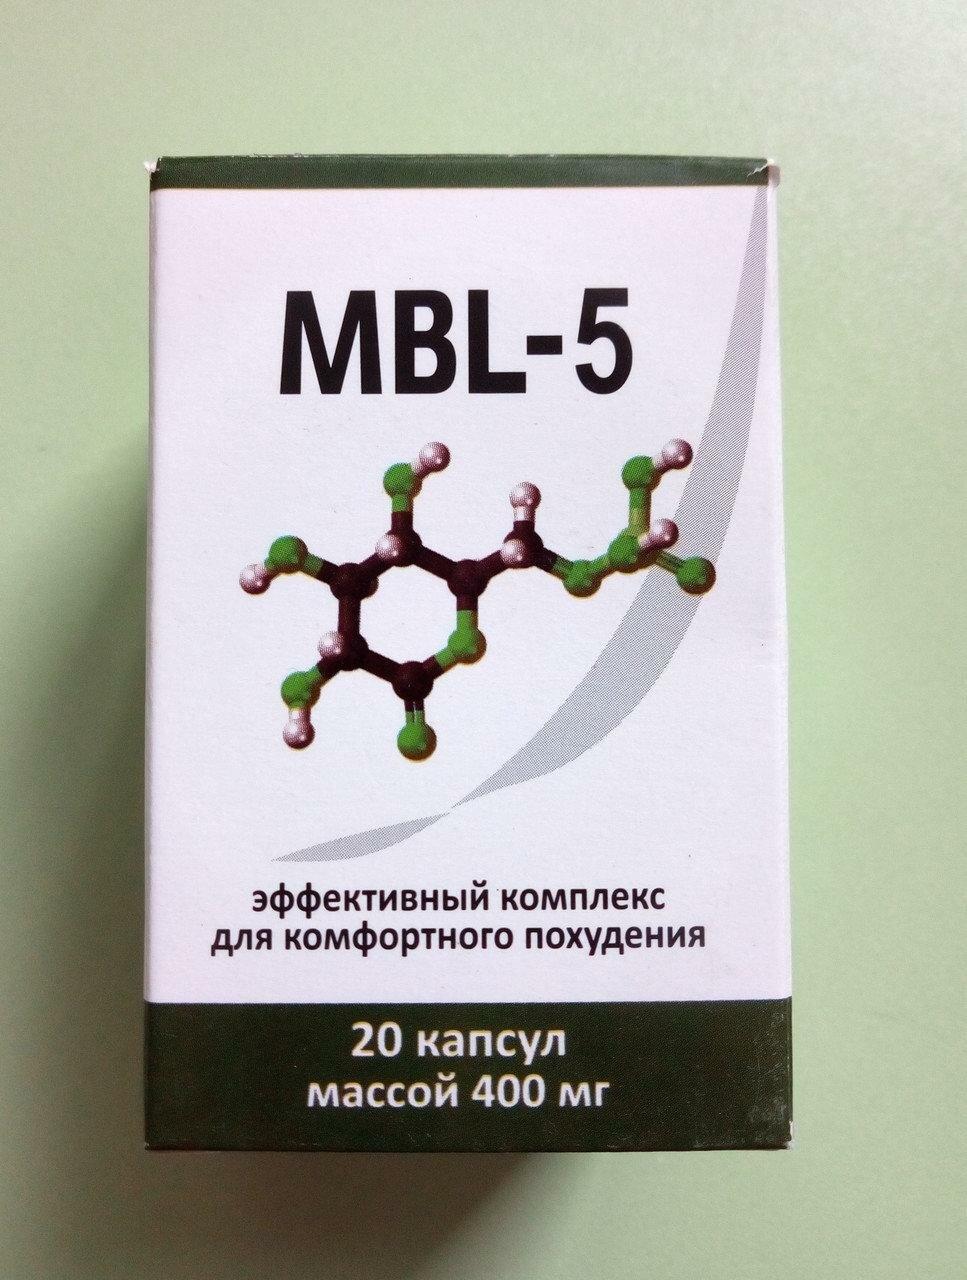 MBL-5 для похудения в Рыбинске